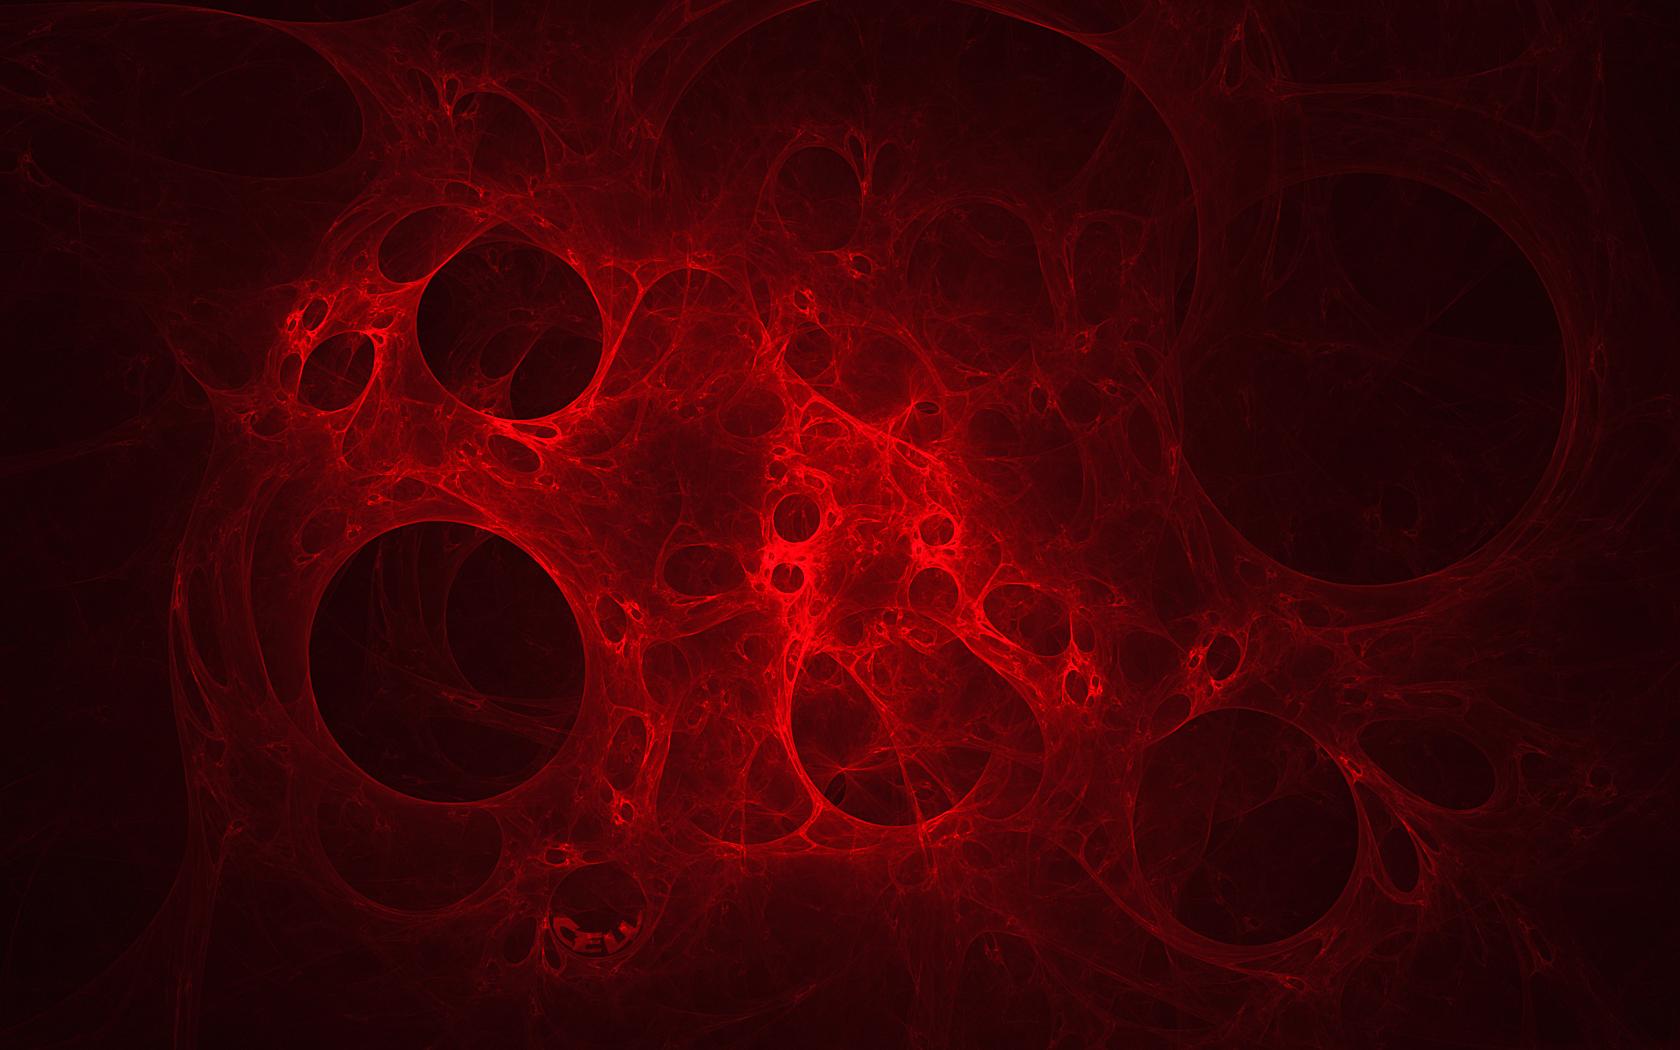 Обои Стильная Клетка Burberry » Скачать красивые HD обои (картинки ...   1050x1680